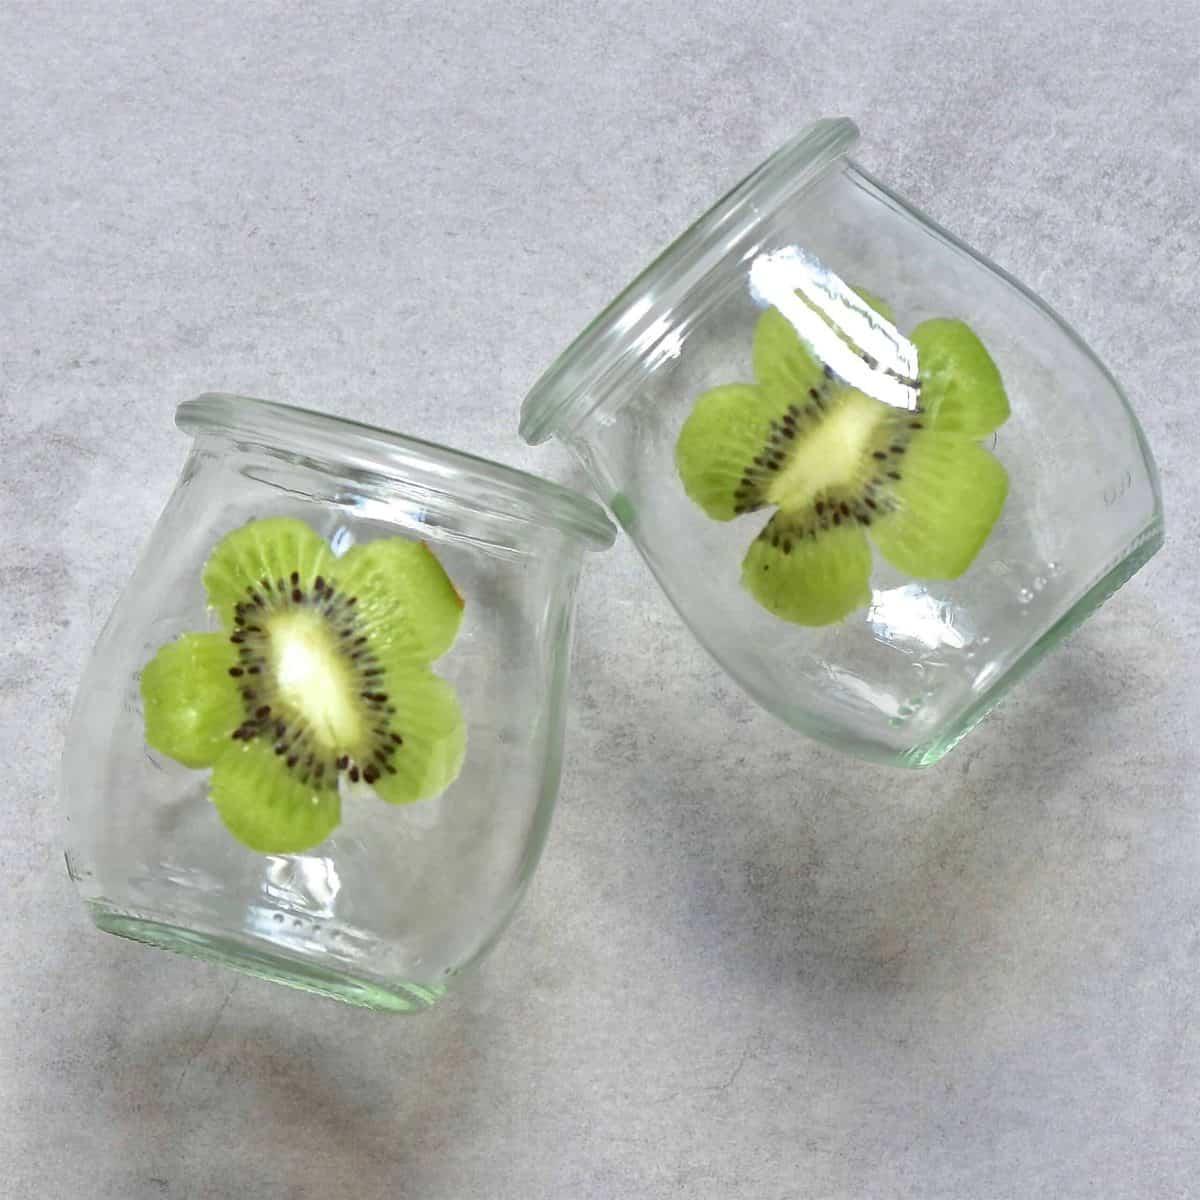 Kiwi flower stuck in a jar